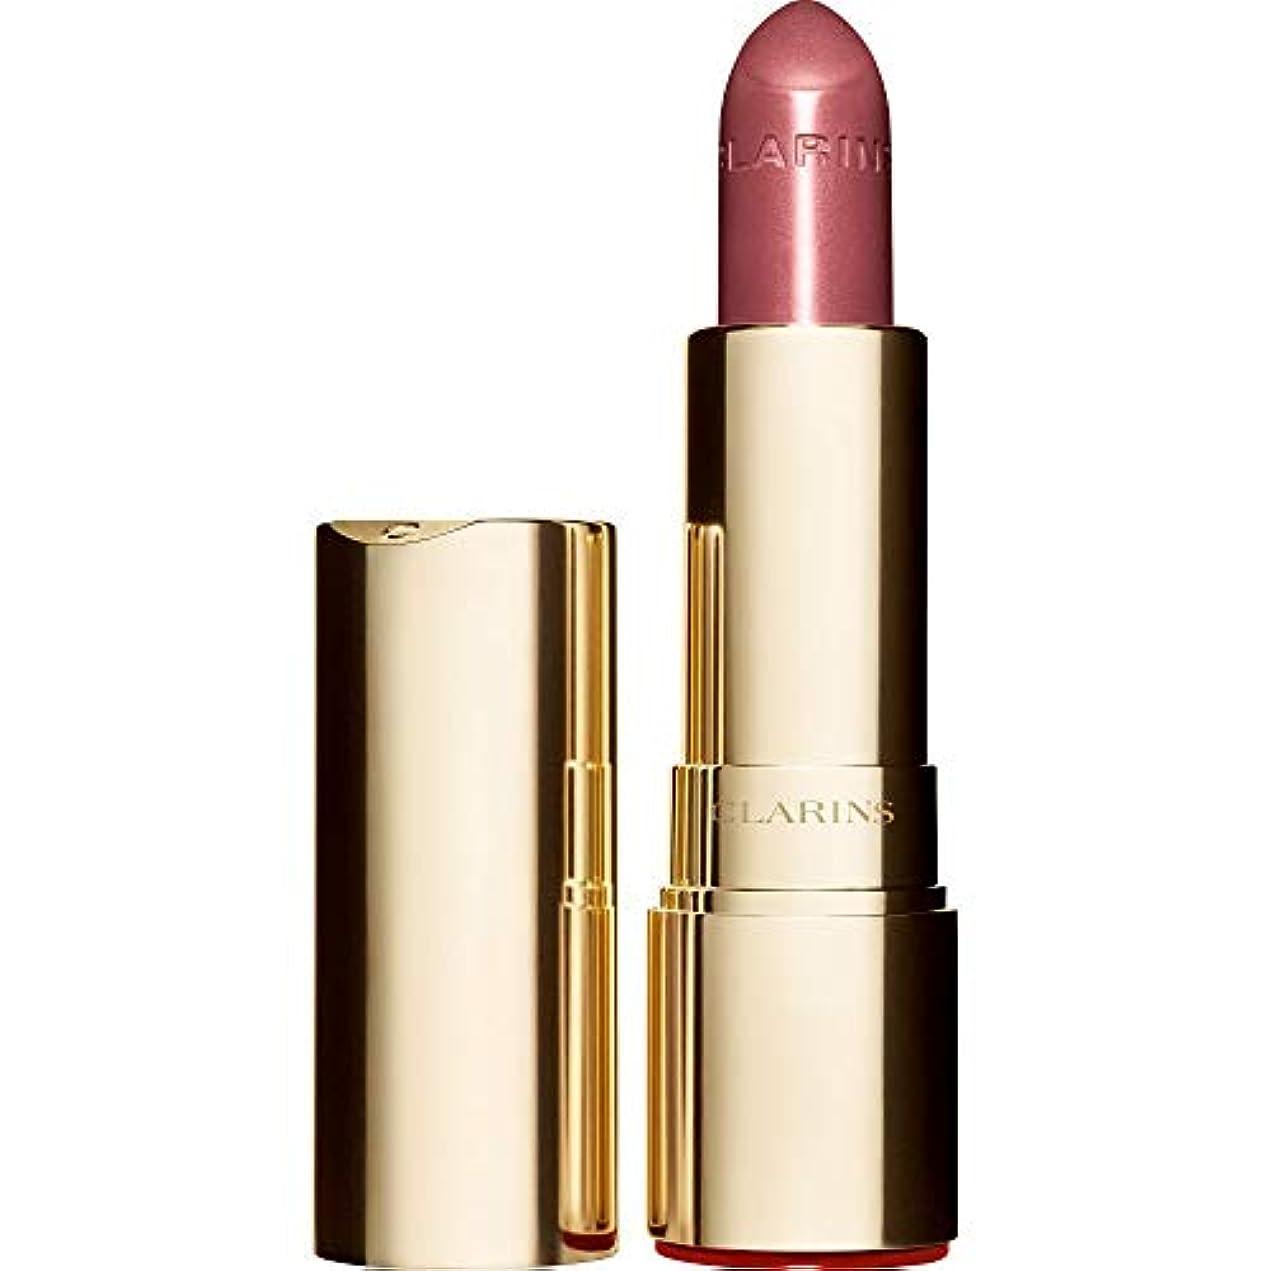 降下曲げるスケルトン[Clarins ] クラランスジョリルージュブリリアント口紅3.5グラムの731Sは、 - ベリーローズ - Clarins Joli Rouge Brillant Lipstick 3.5g 731S - Rose...